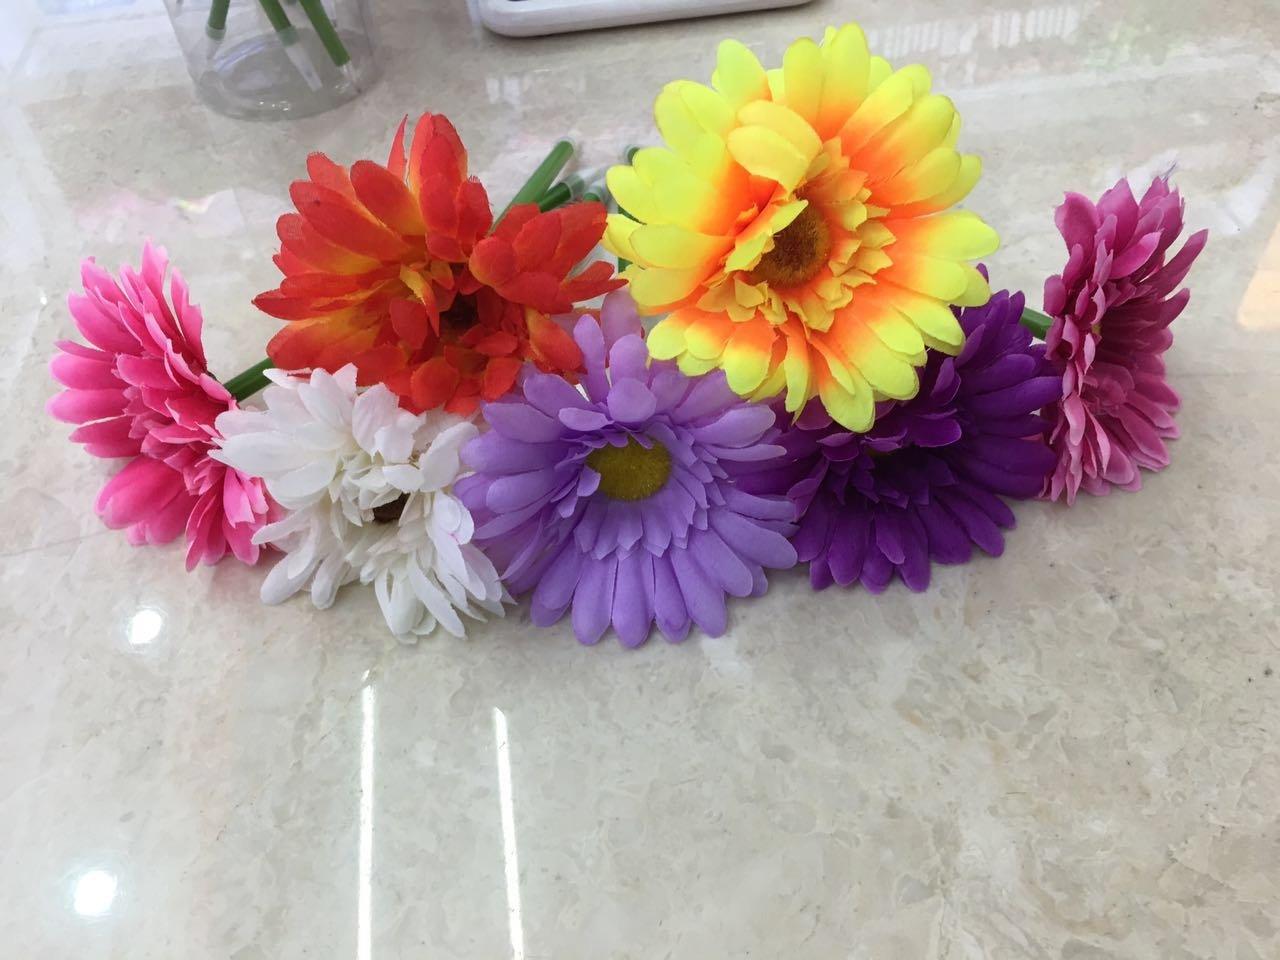 Cheap Diy Flower Pens Find Diy Flower Pens Deals On Line At